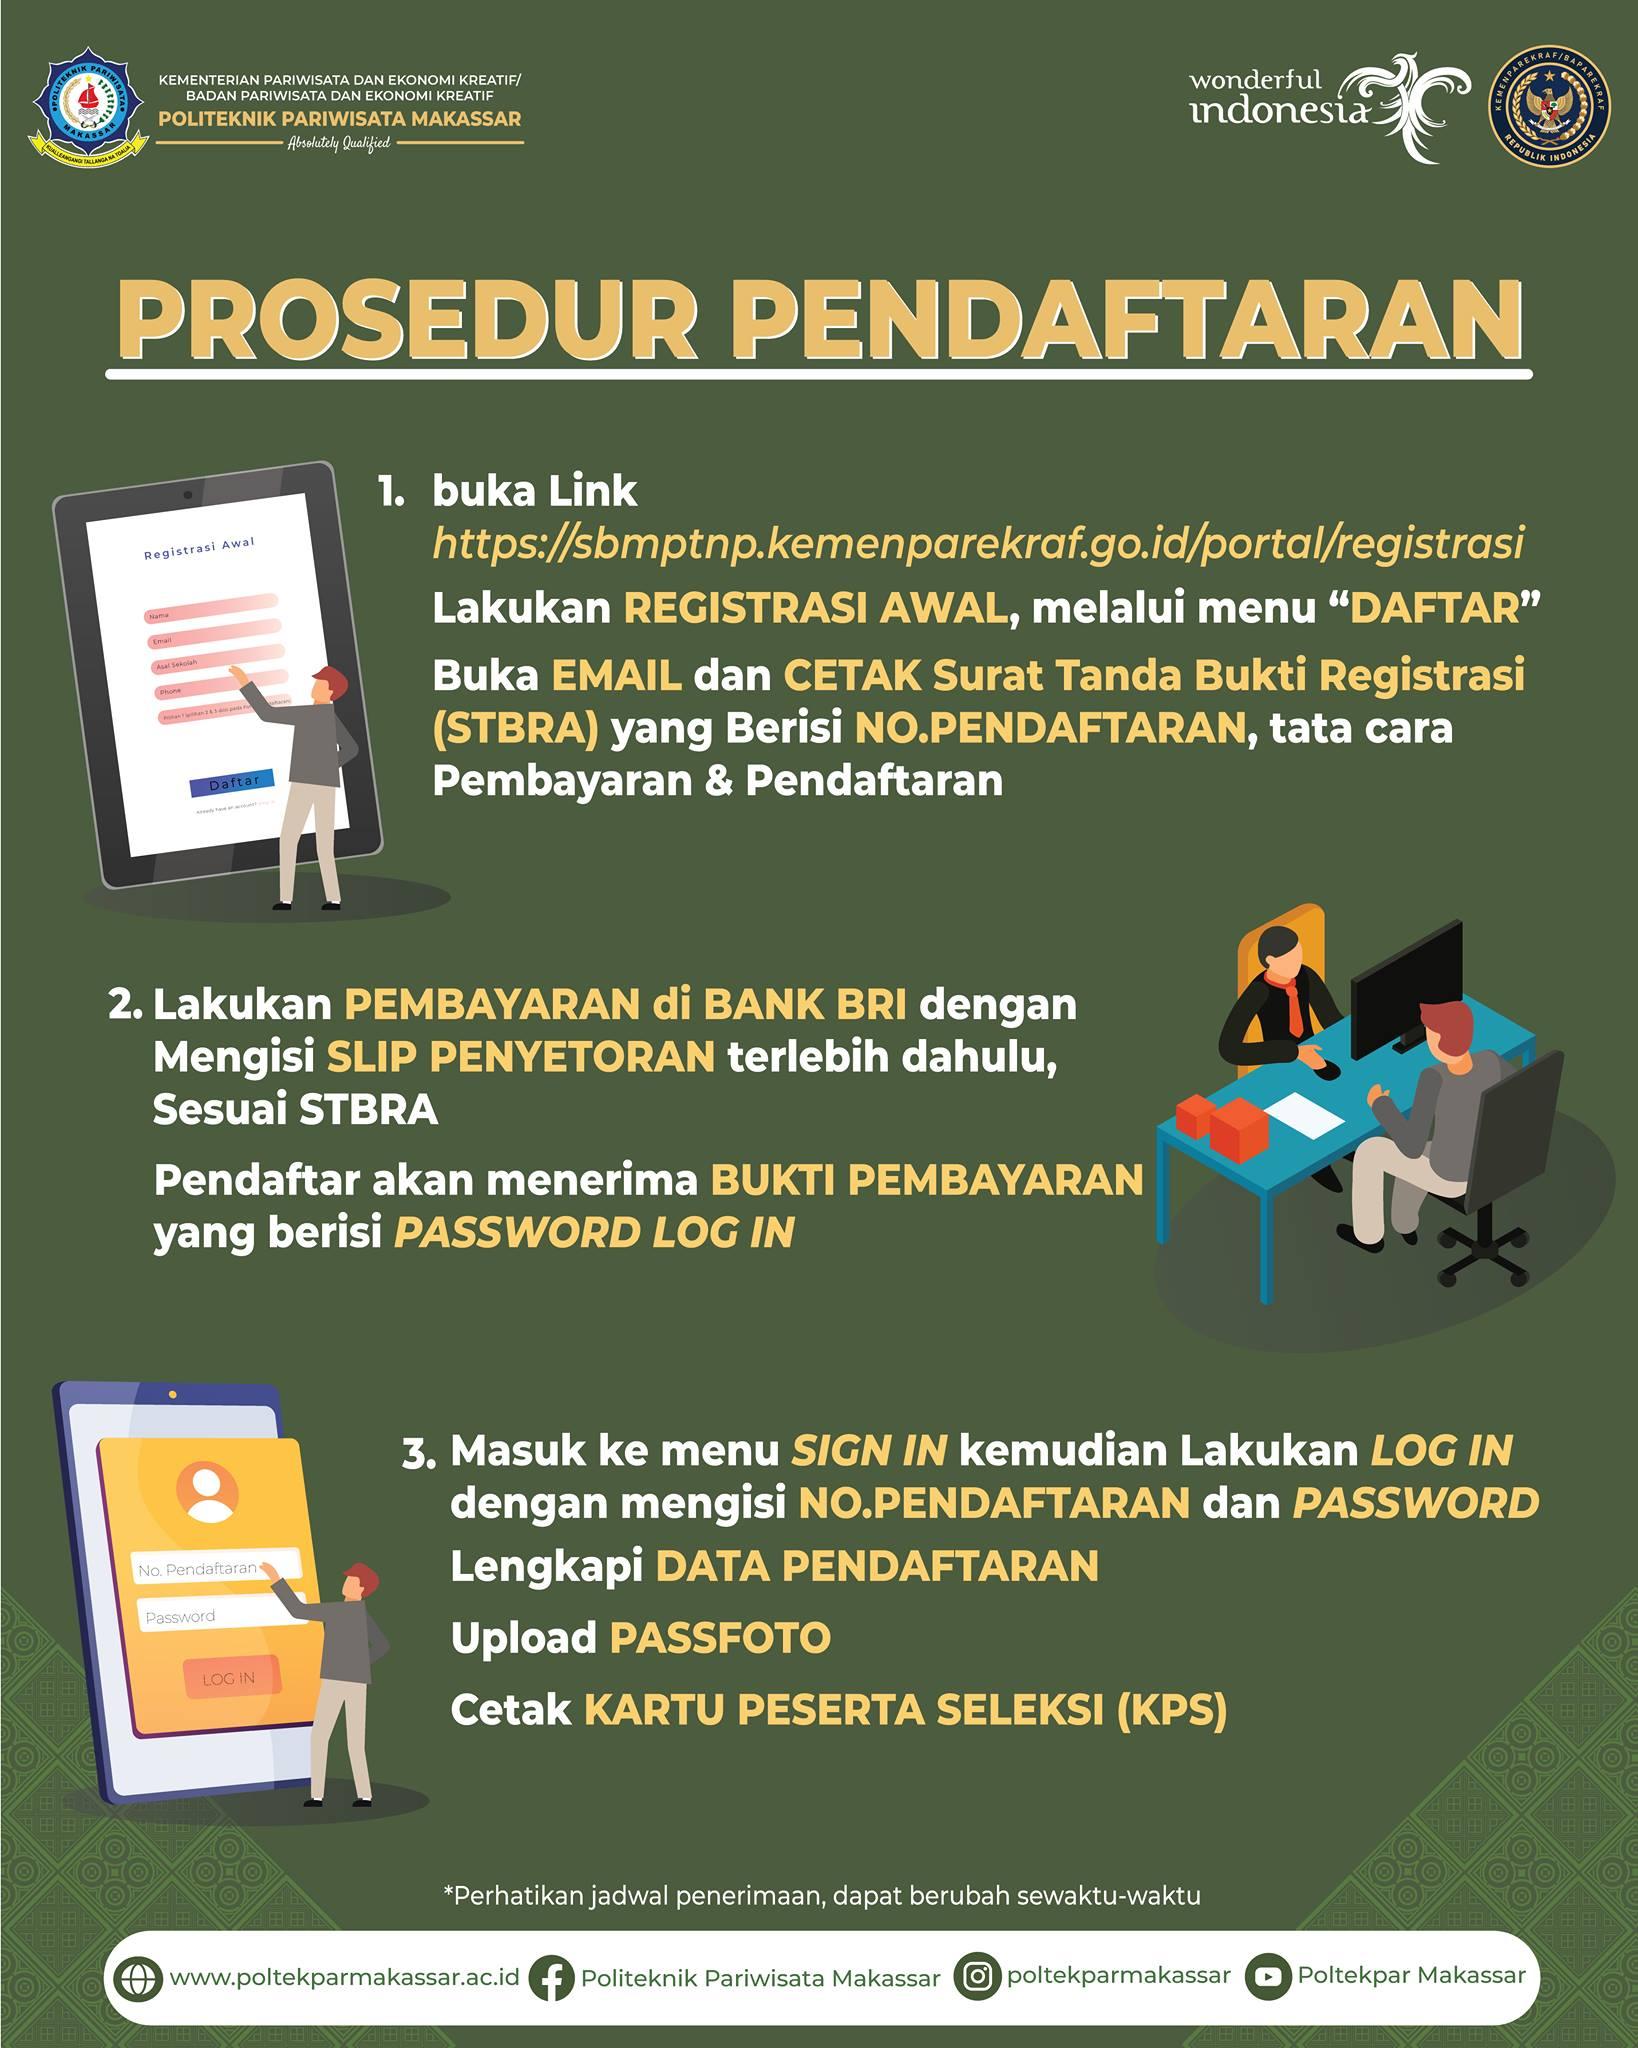 Prosedur Pendaftaran dan Pembayaran SBMPTNP 2021